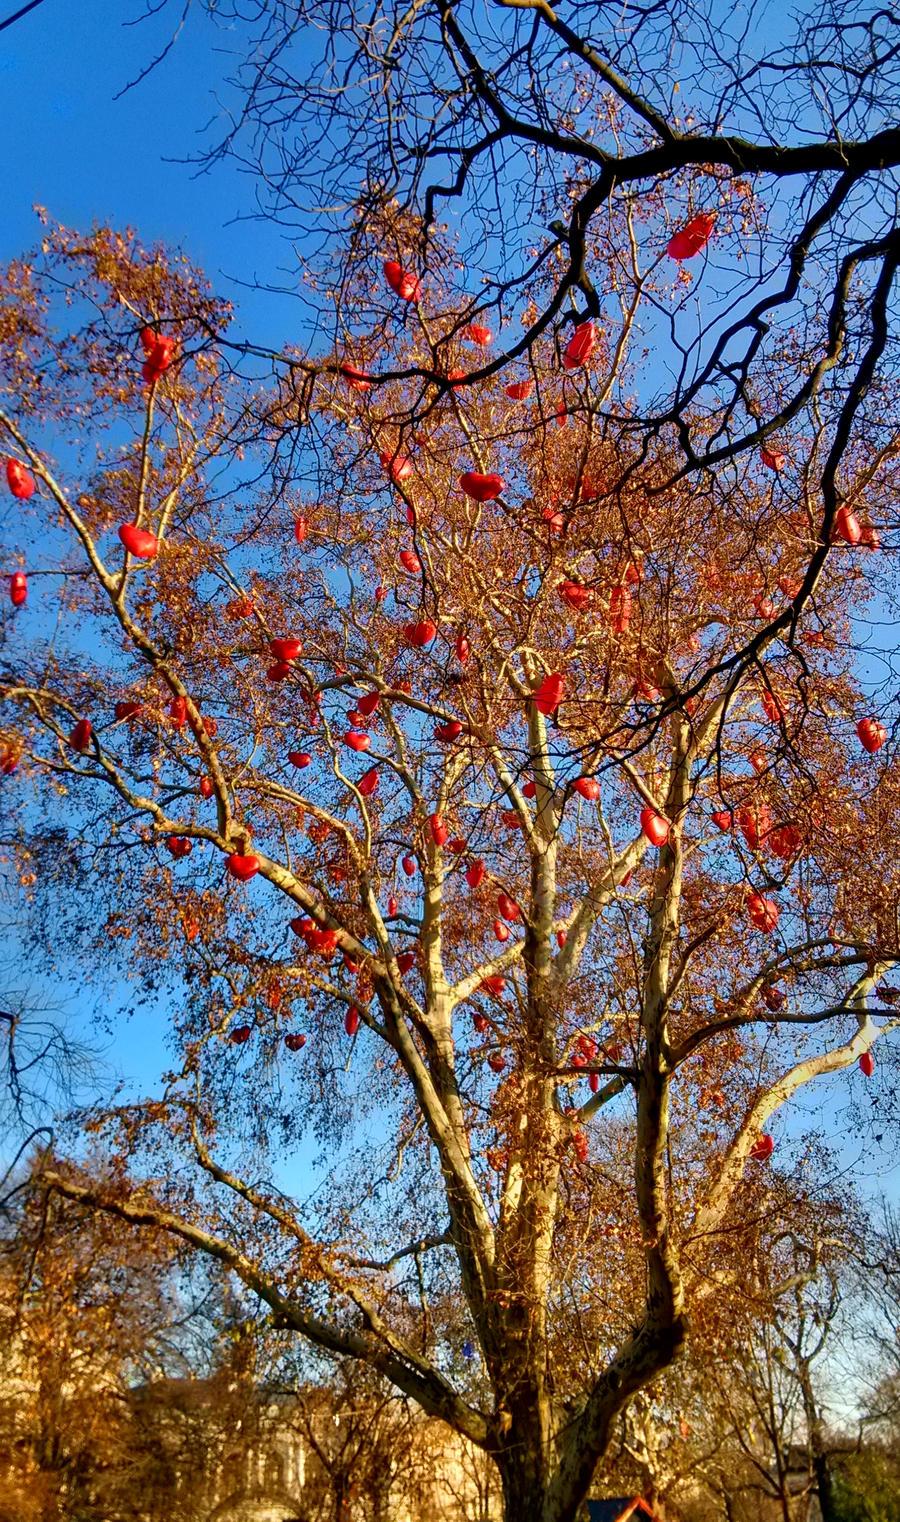 Tree of Love, Wien, Austria by JiriBobalik